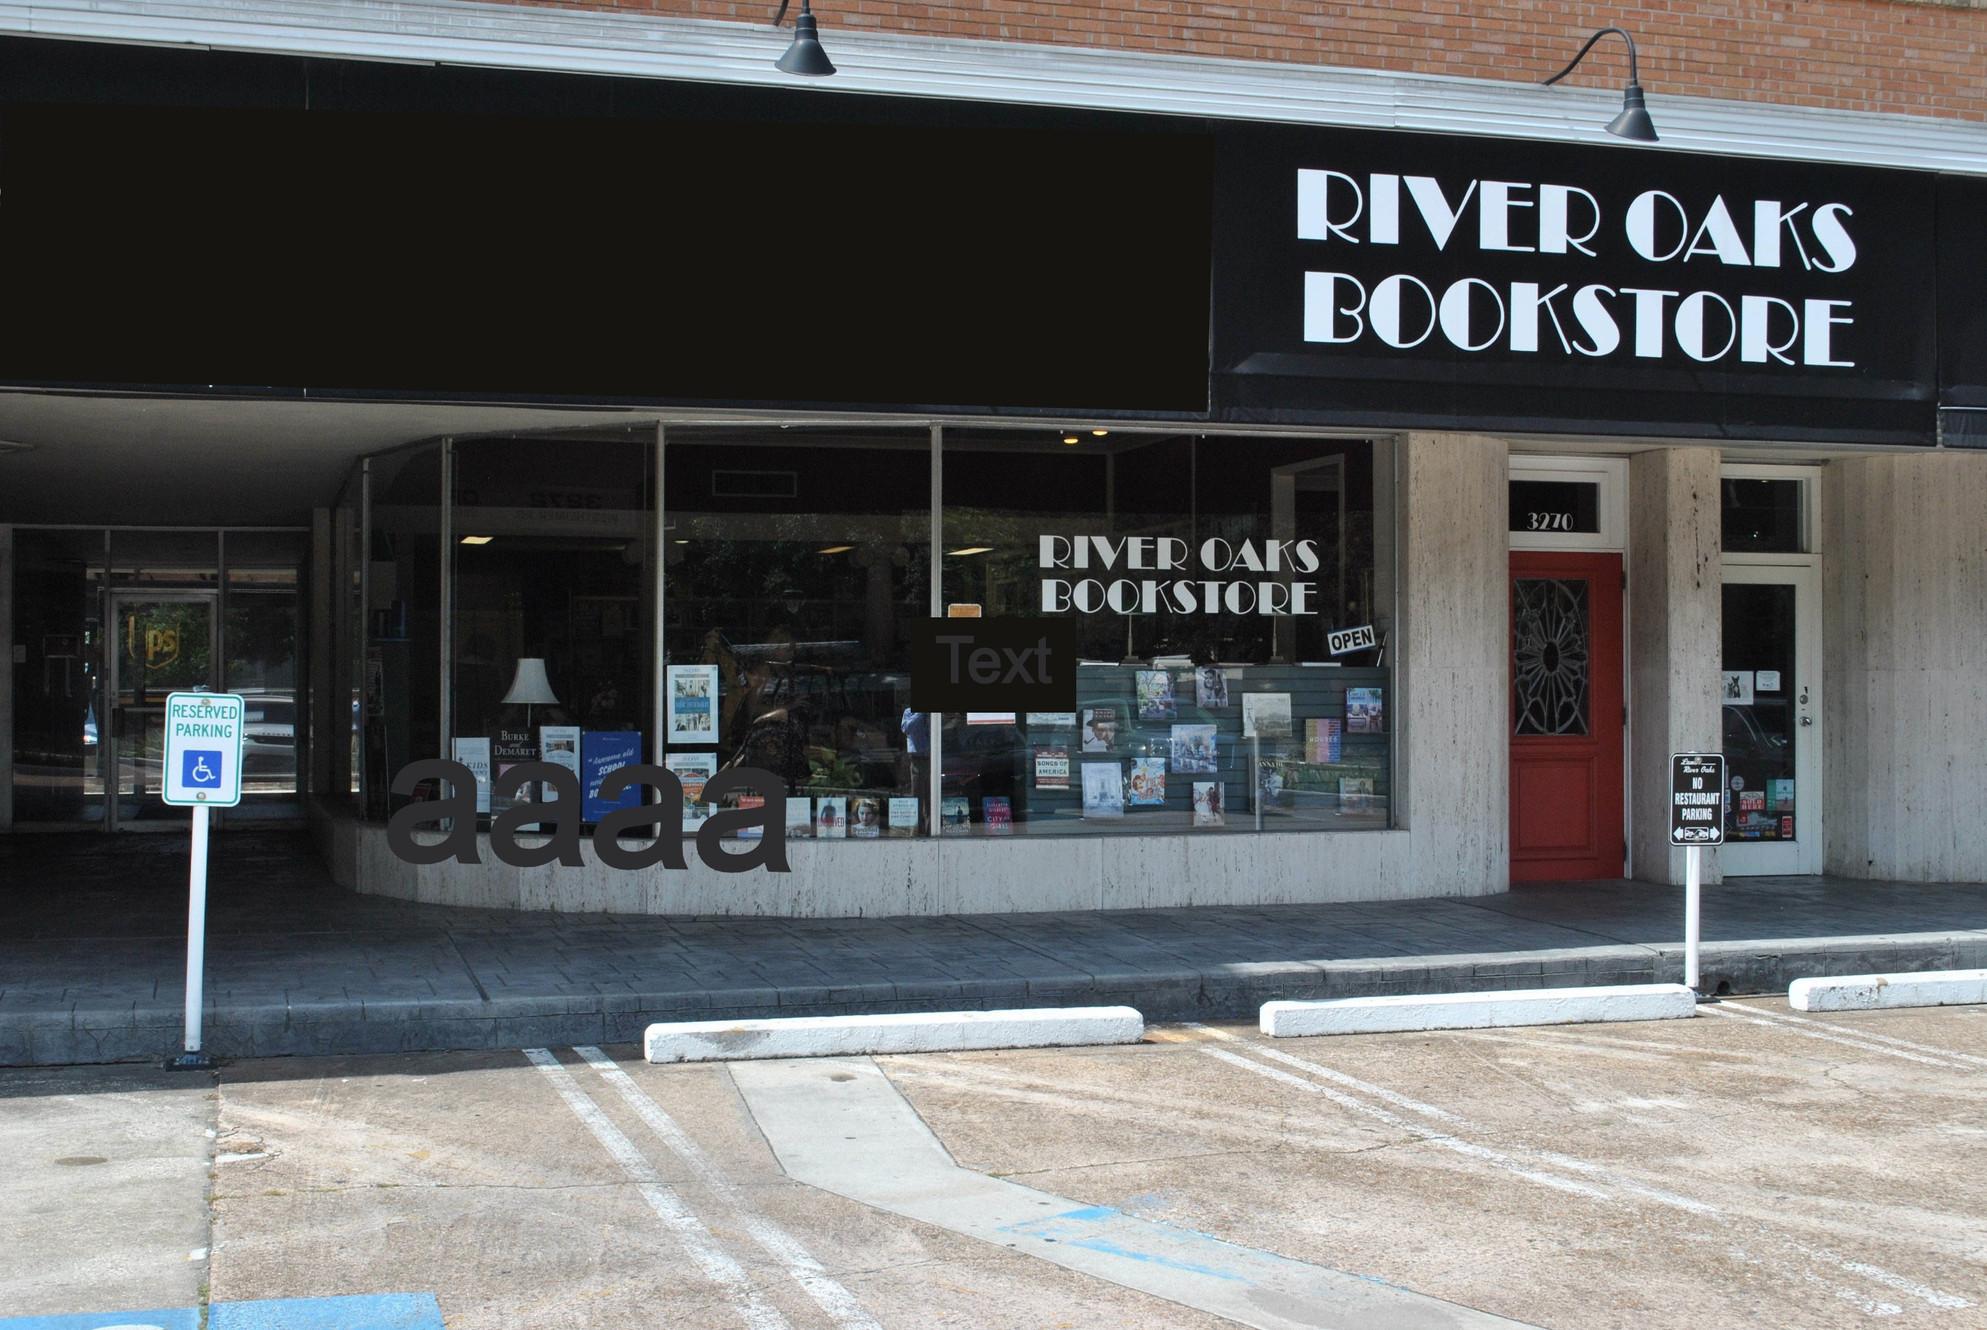 River Oaks Bookstore